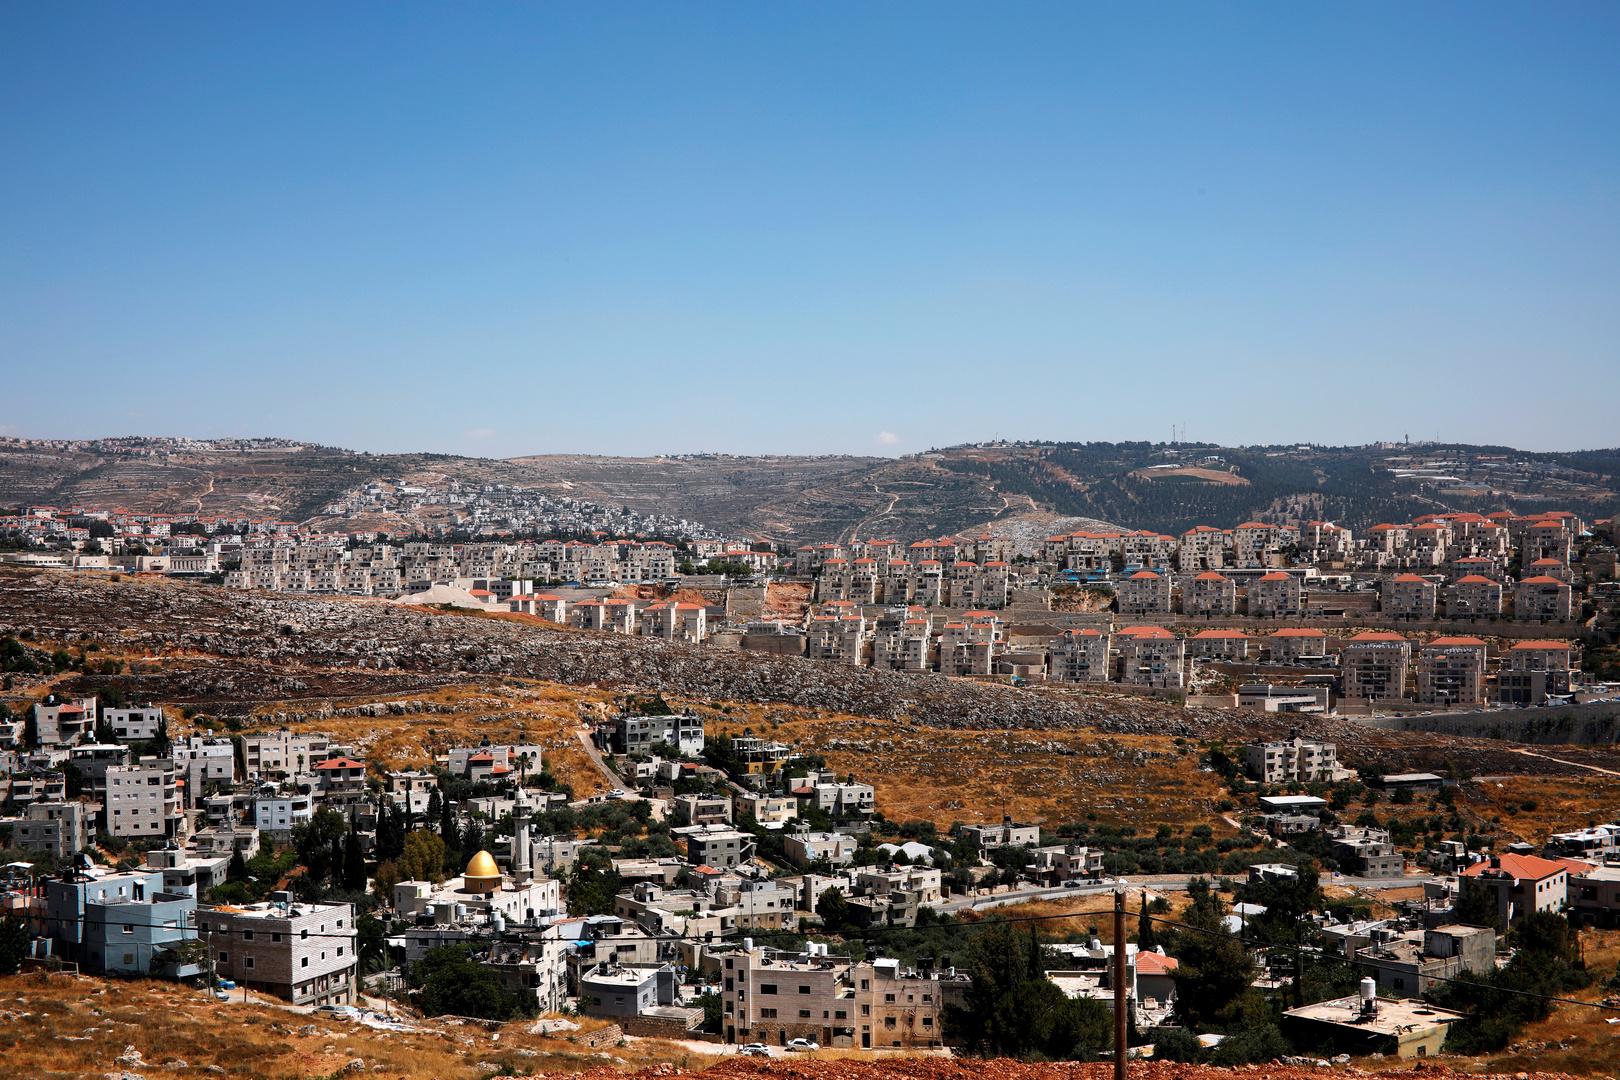 جونسون: أناشد إسرائيل كصديق بعدم ضم مستوطنات الضفة الغربية